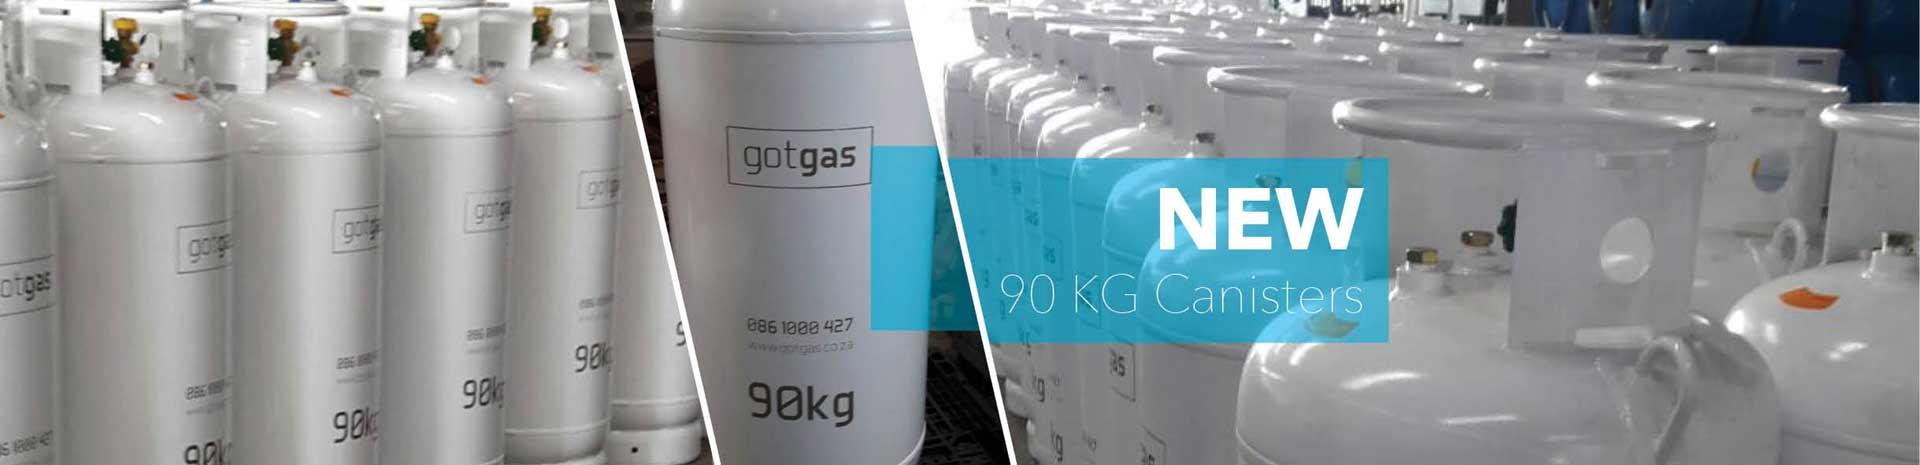 Got Gas 90kgs